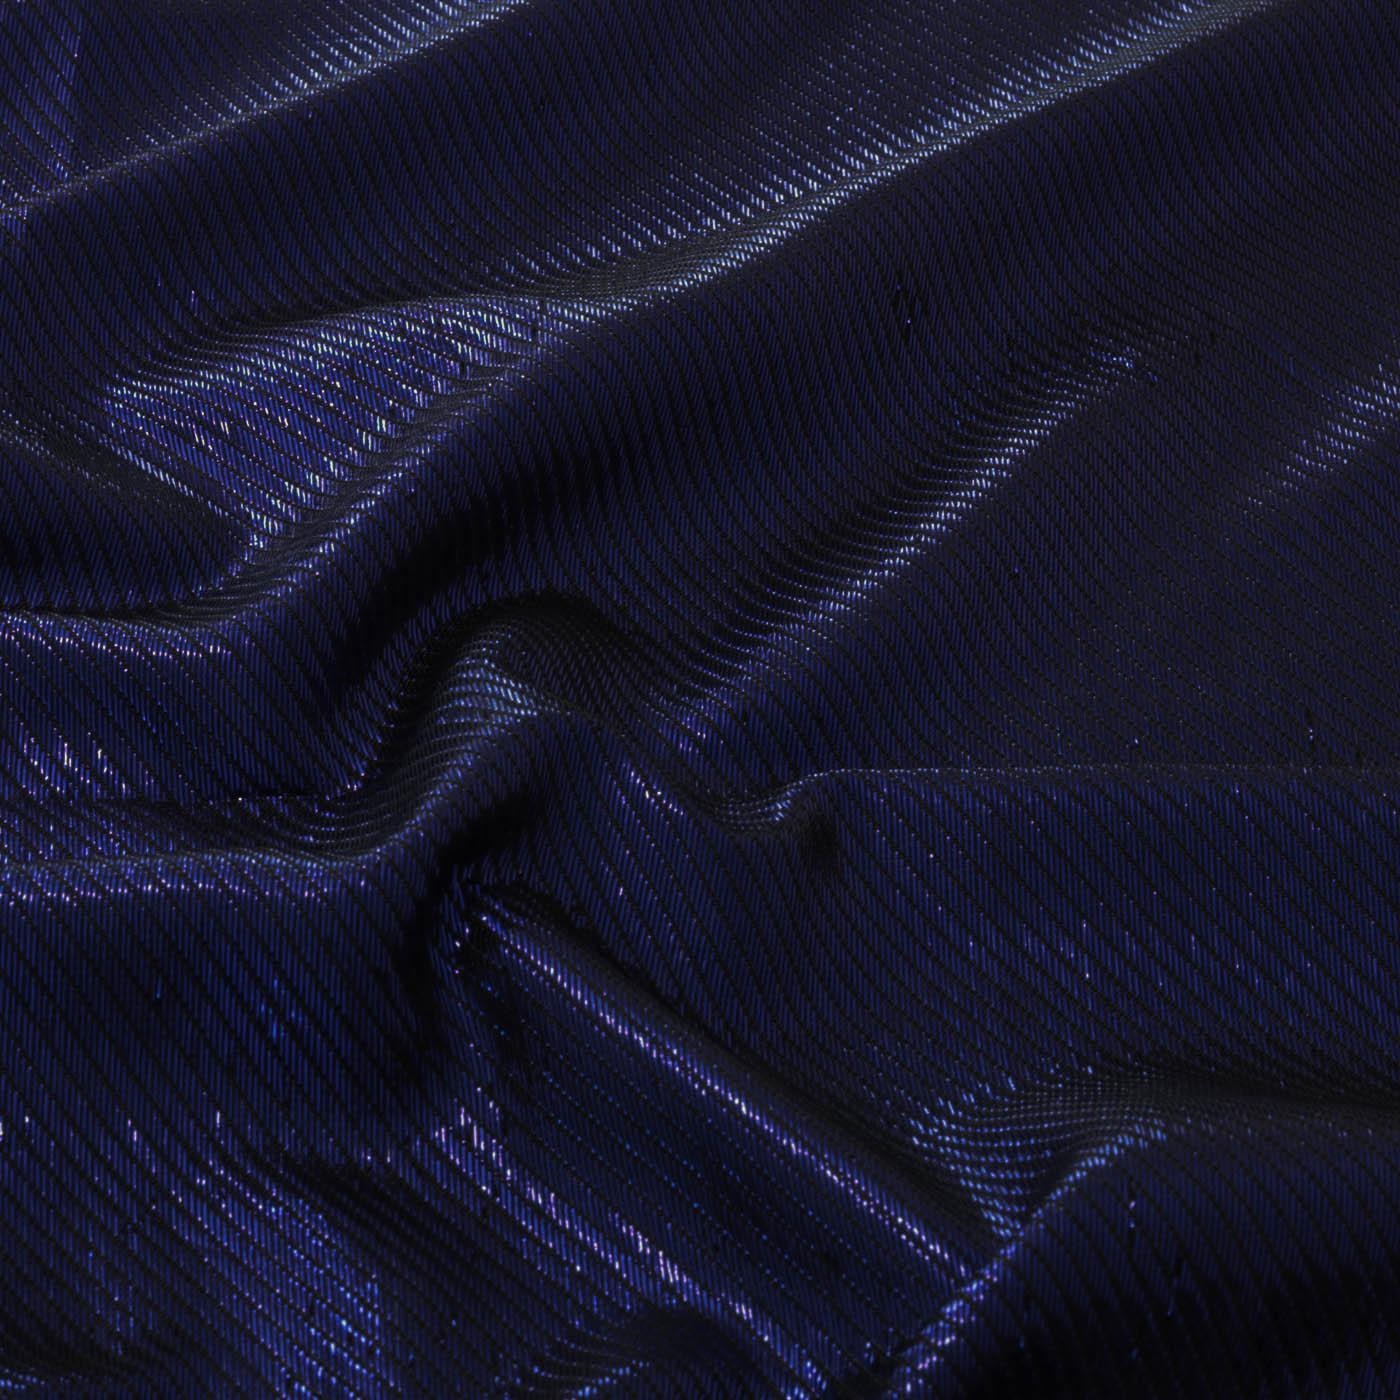 Tecido Lamê Diagonal  85% Poliéster 15% Metálico Azul Royal